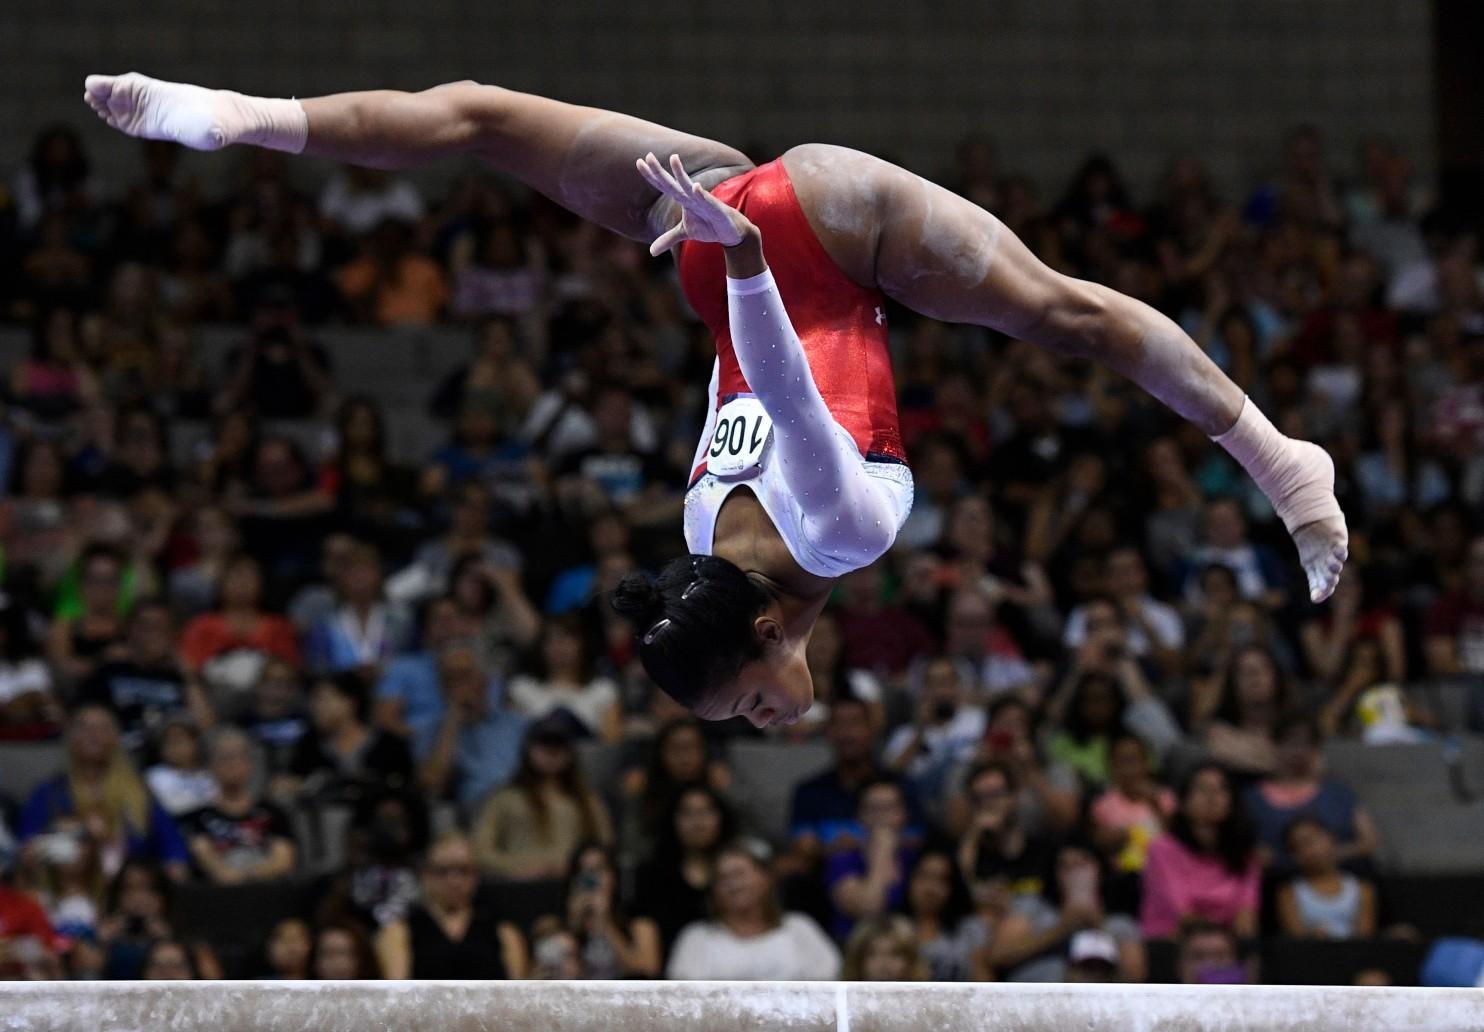 Олимпийские гены: кто становится победителем - 4